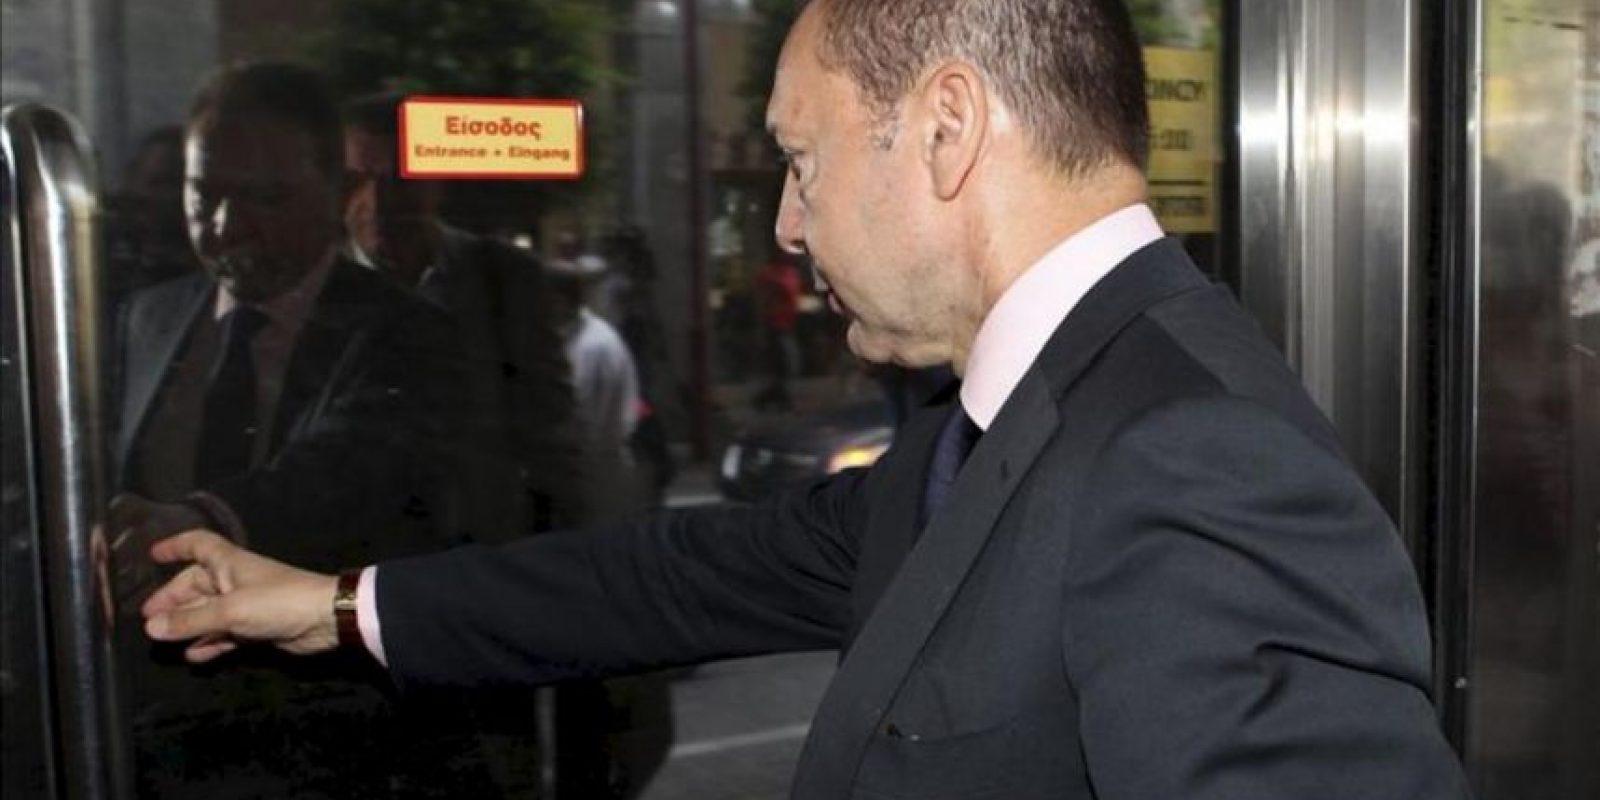 El ministro griego de Finanzas, Yiannis Stournaras, llega a una reunión con los representantes de la 'troika' internacional en Atenas, Grecia. EFE